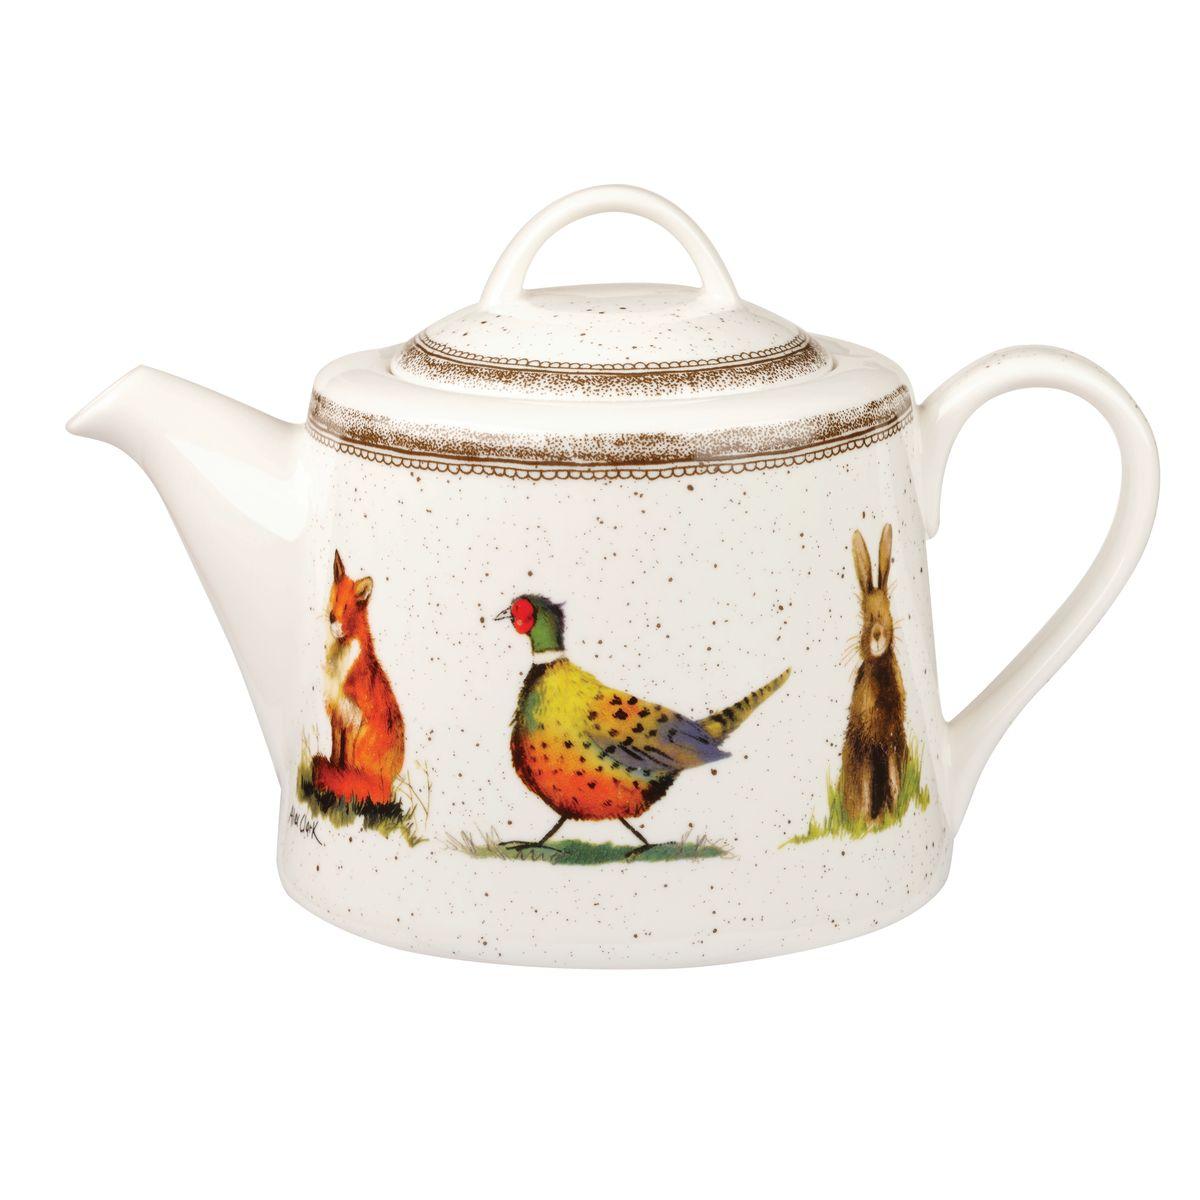 """Чайник заварочный Churchill """"Живая природа"""" выполнен из высококачественного фаянса и украшен оригинальным узором. Такой чайник отлично дополнит сервировку стола к чаепитию.  Коллекция Живая природа - уникальное сочетание живой природы и прекрасных воспоминаний из детства. Легкий и простой дизайн с пастельными красками идеально подойдет для любой кухни. Можно мыть в посудомоечной машине. Можно использовать в микроволновой печи."""